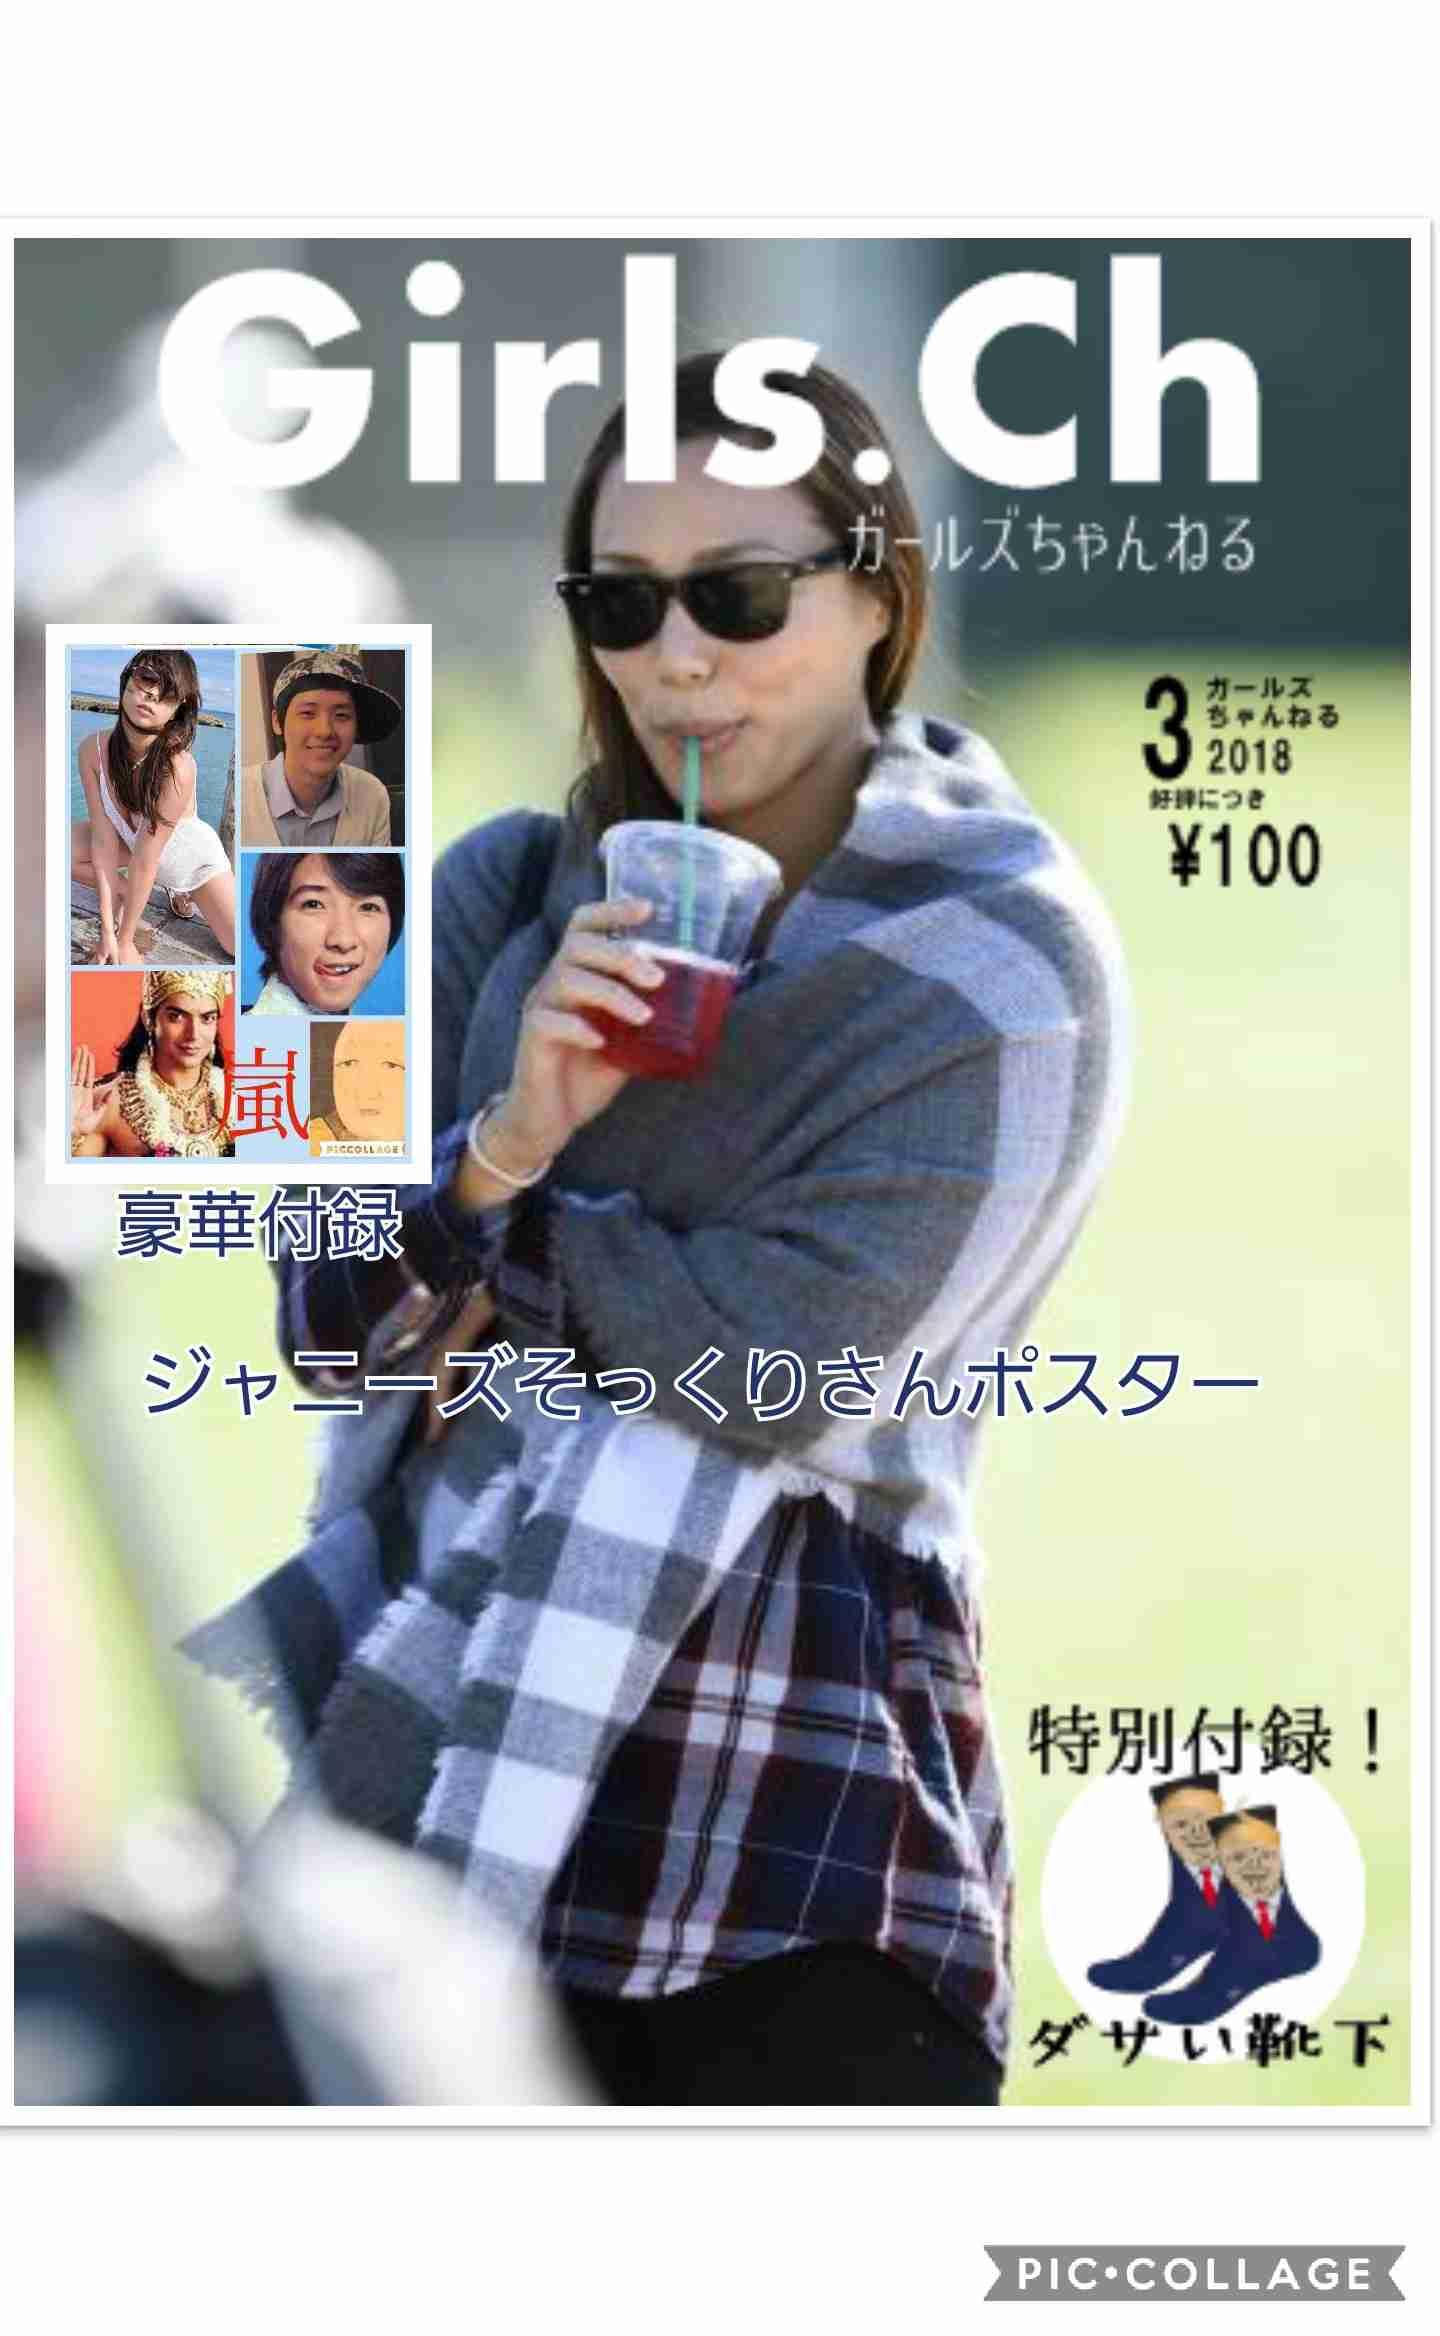 みんなで雑誌『GC(ガルちゃん)』を作ろうpart2